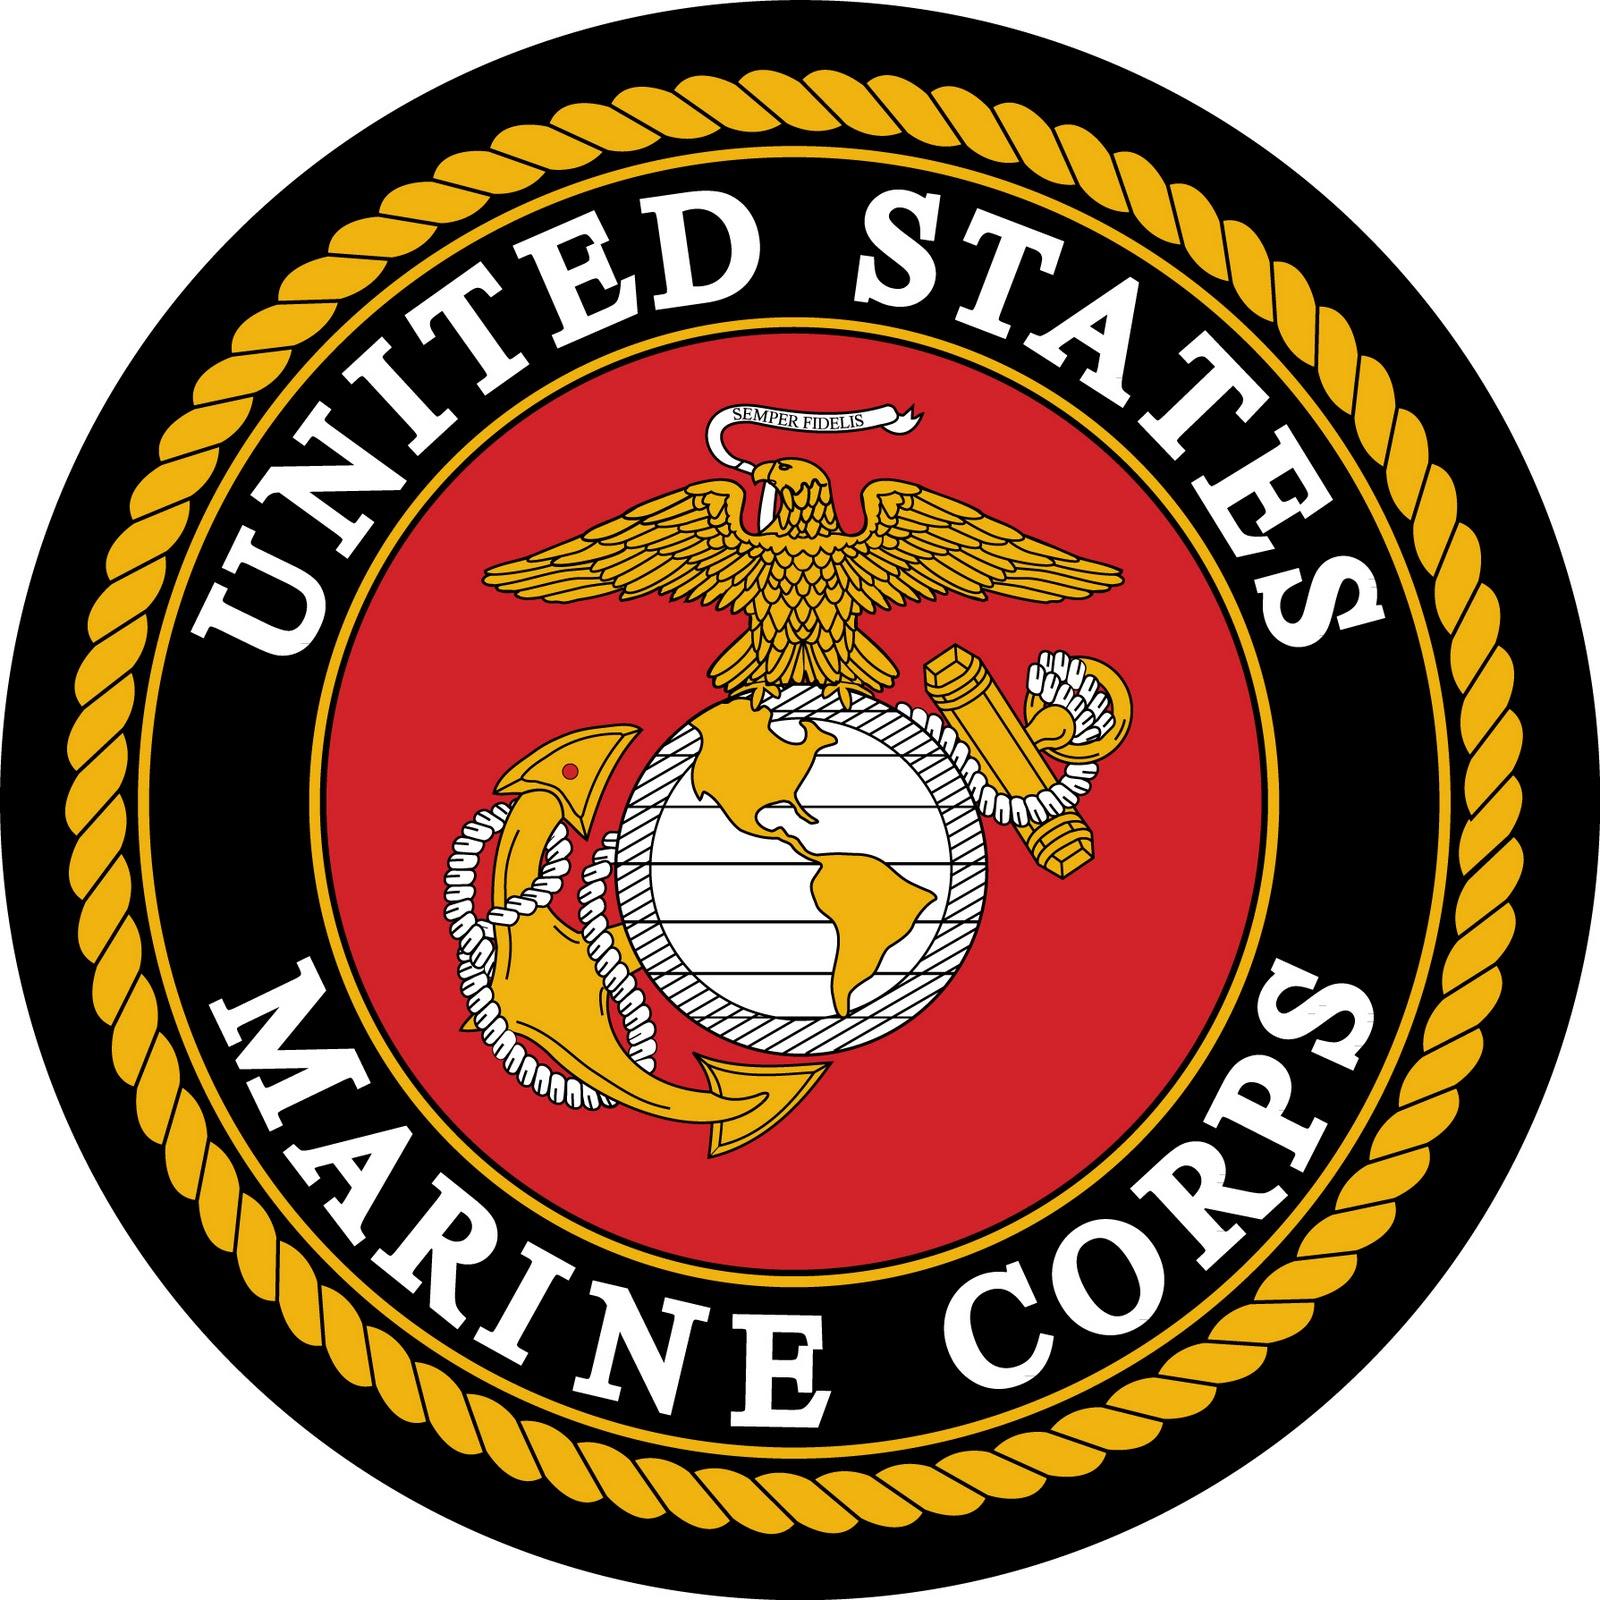 http://2.bp.blogspot.com/-8AHvrzNph-0/TuUMy6PfSbI/AAAAAAAAXKY/iSsYbxkMlZE/s1600/Marines-in-use.jpg